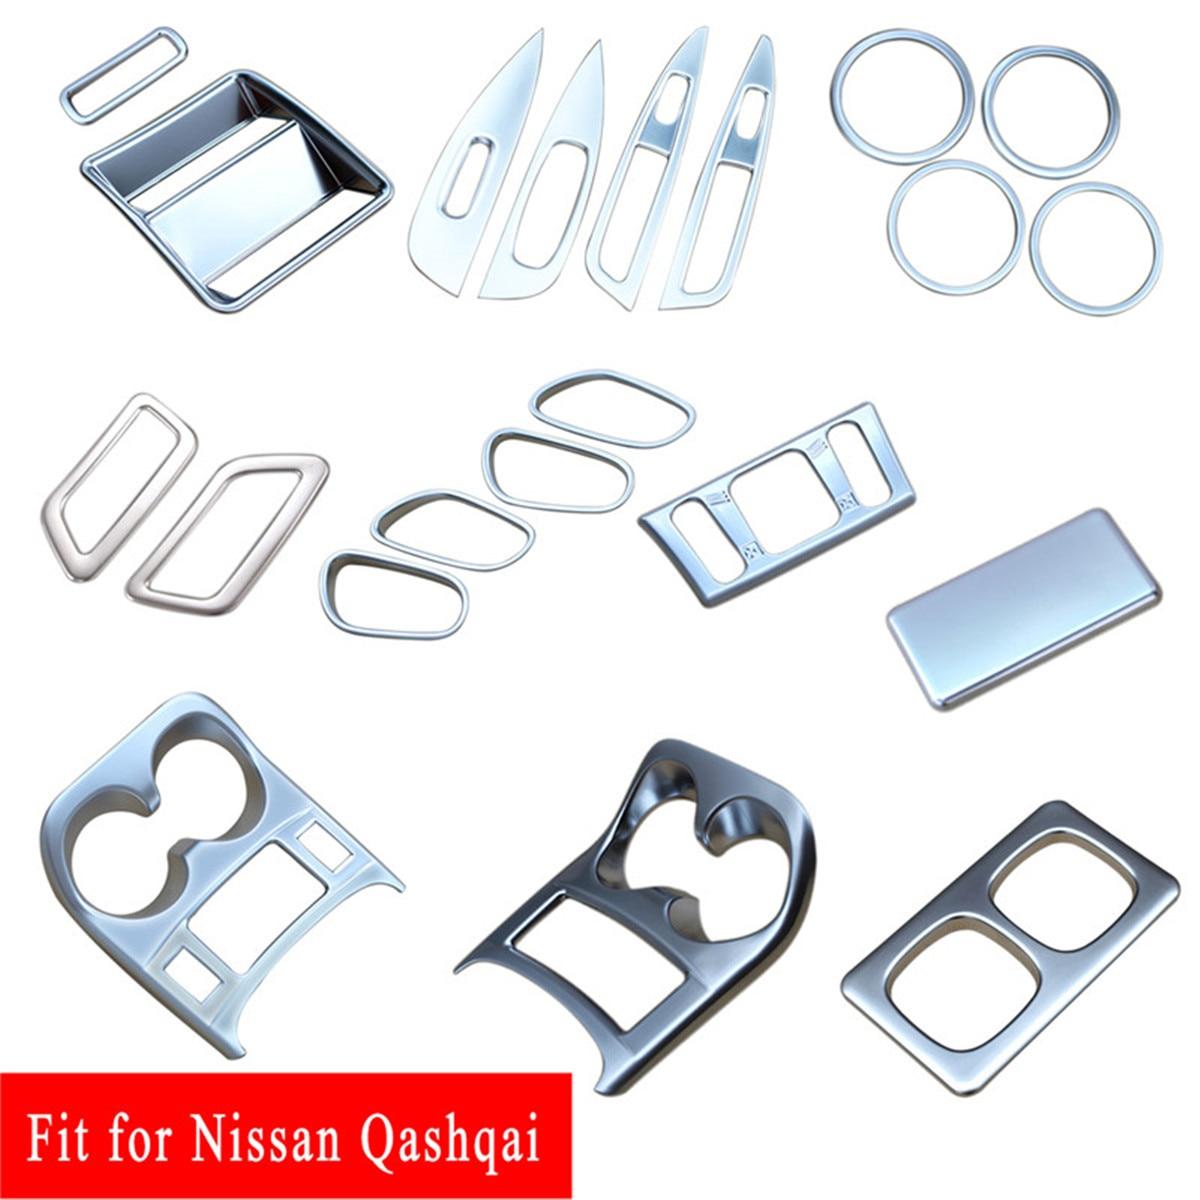 Krom aksesuarları su bardağı tutucu kapı kolu havalandırma kapağı Trim Fit Nissan Qashqai için J11 2014 2015 2016 2017 2018 2019